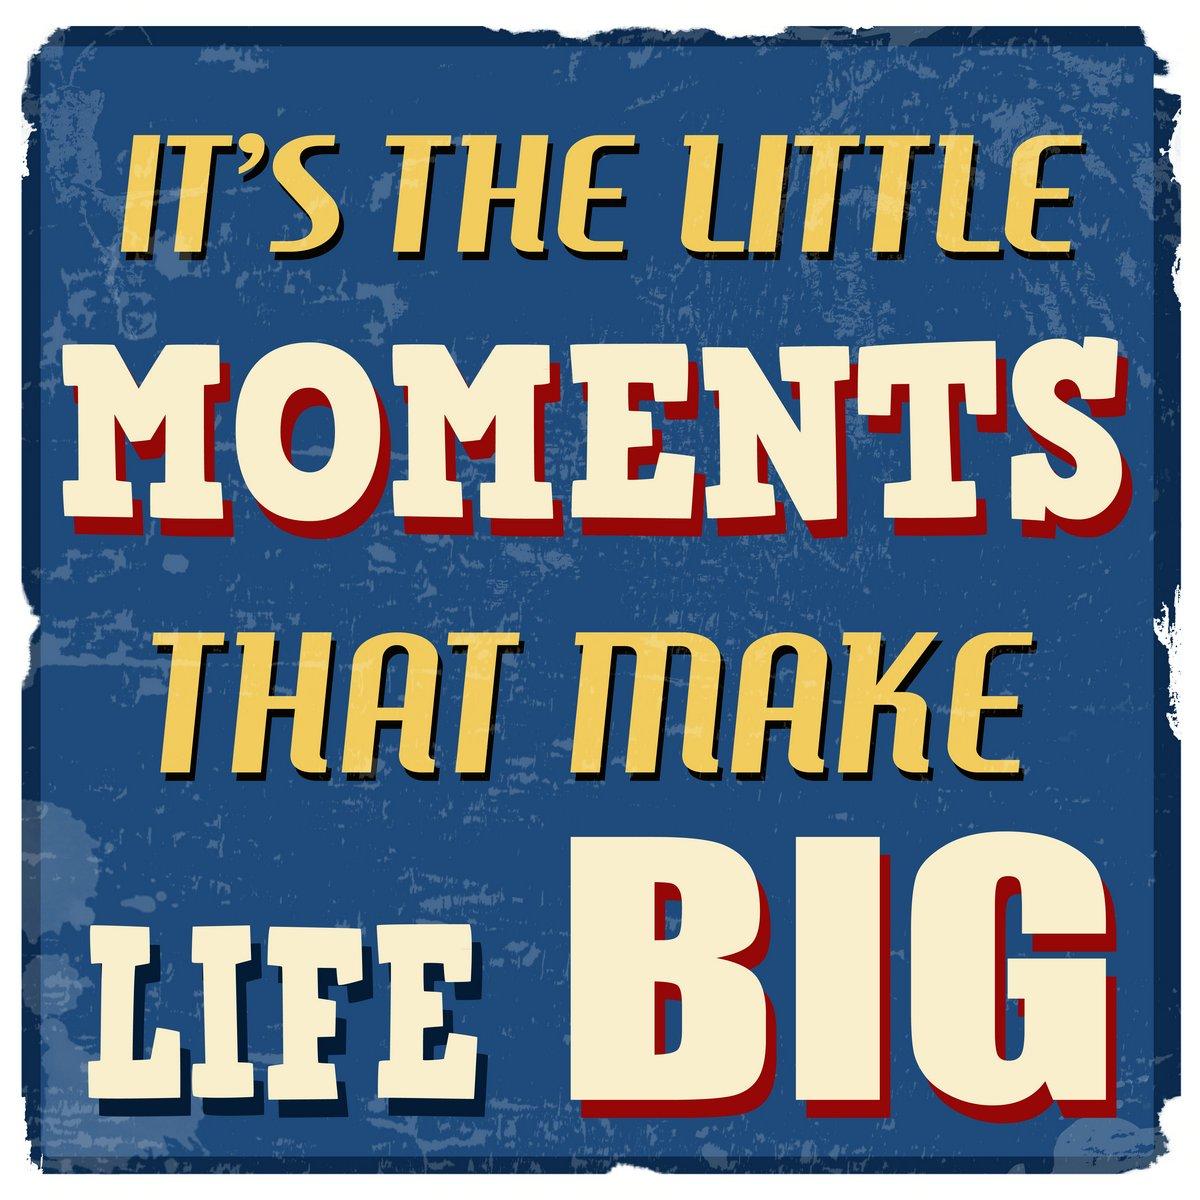 Постер-картина Мотивационный плакат Это маленькие моменты, которые делают жизнь большой плакатМотивационный плакат<br>Постер на холсте или бумаге. Любого нужного вам размера. В раме или без. Подвес в комплекте. Трехслойная надежная упаковка. Доставим в любую точку России. Вам осталось только повесить картину на стену!<br>